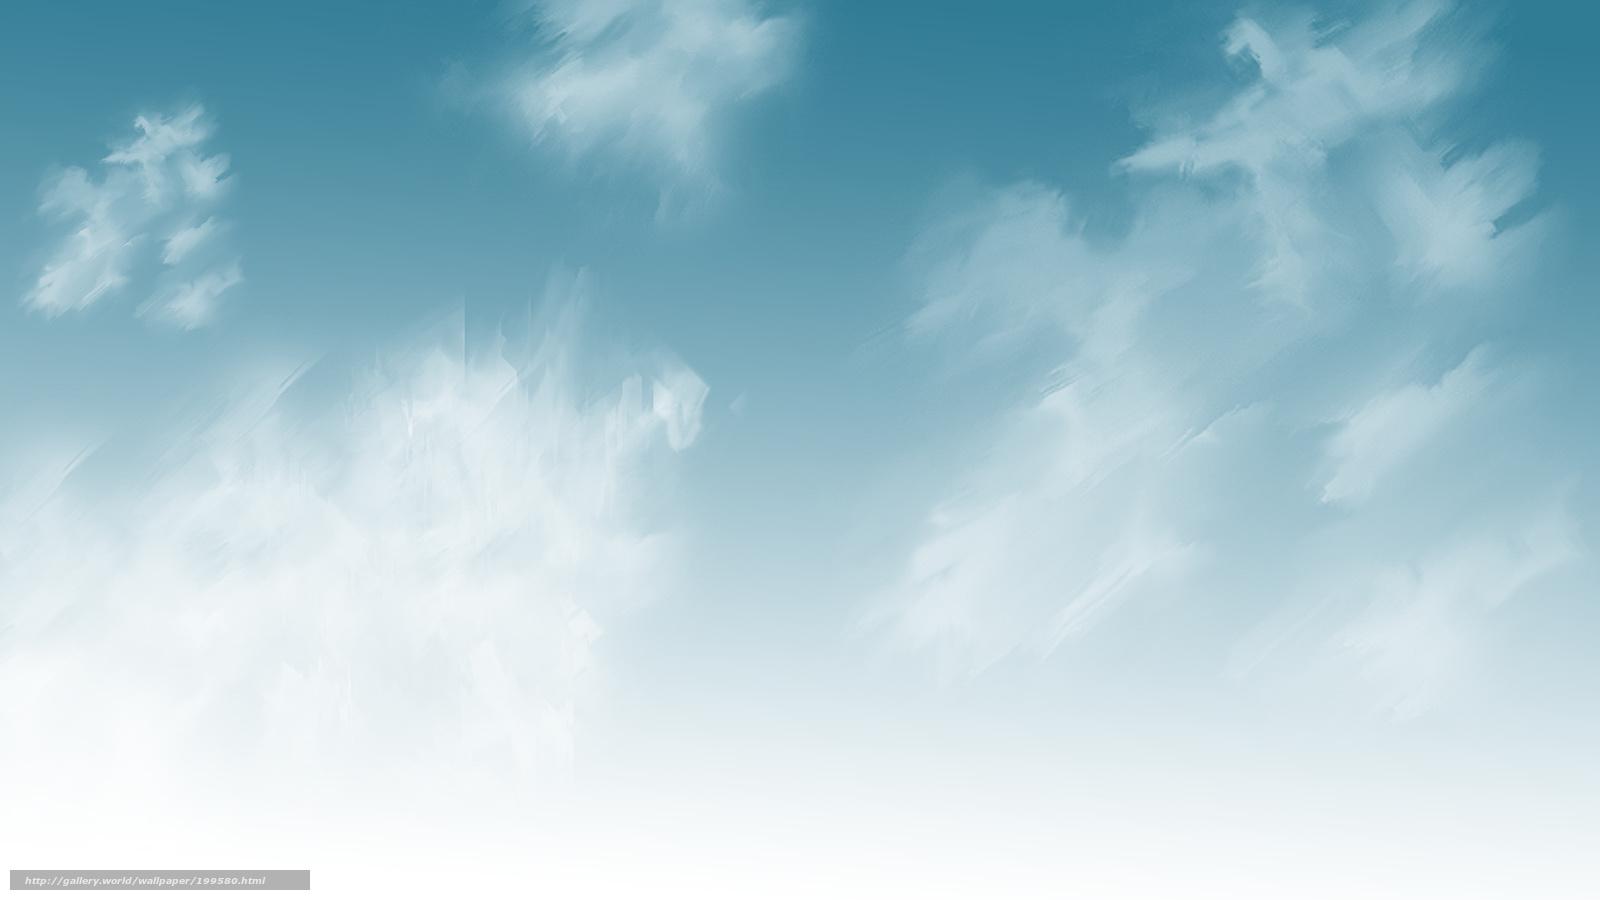 tlcharger fond d 39 ecran ciel nuages fonds d 39 ecran gratuits pour votre rsolution du bureau. Black Bedroom Furniture Sets. Home Design Ideas